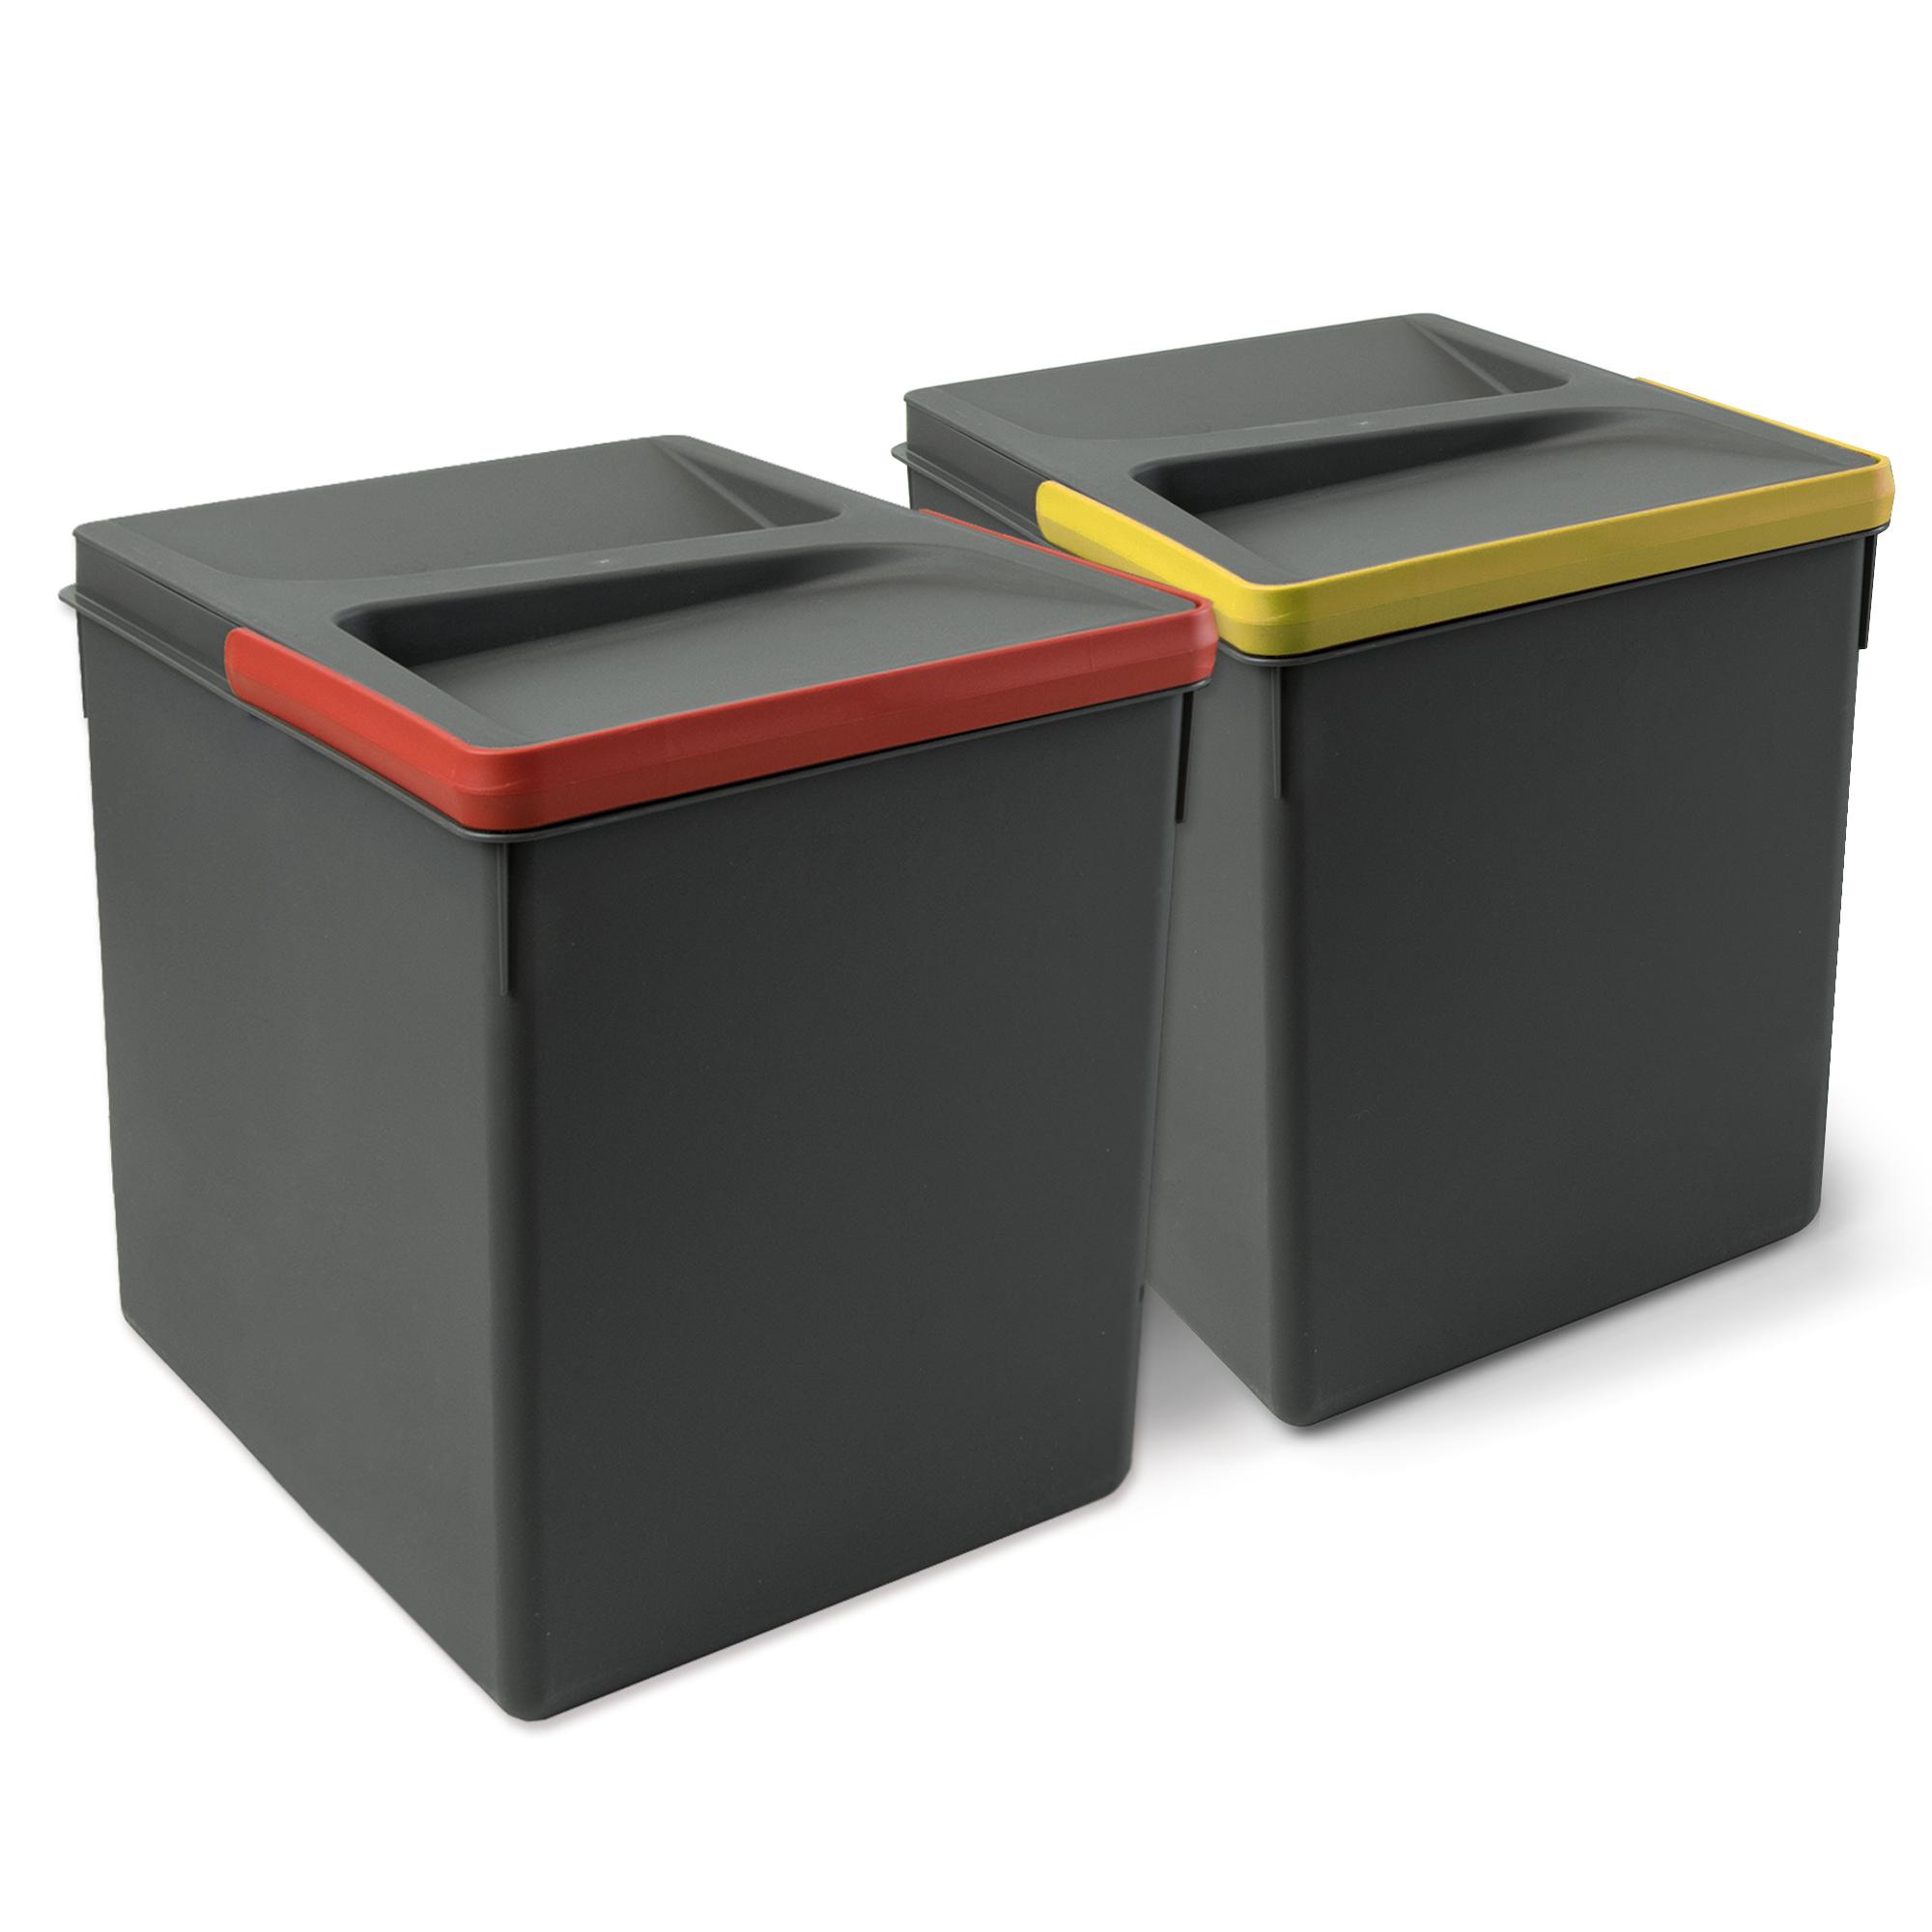 Emuca Contenitori per cassetti da cucina, altezza 266 mm, 15L, Grigio antracite, 2 un.